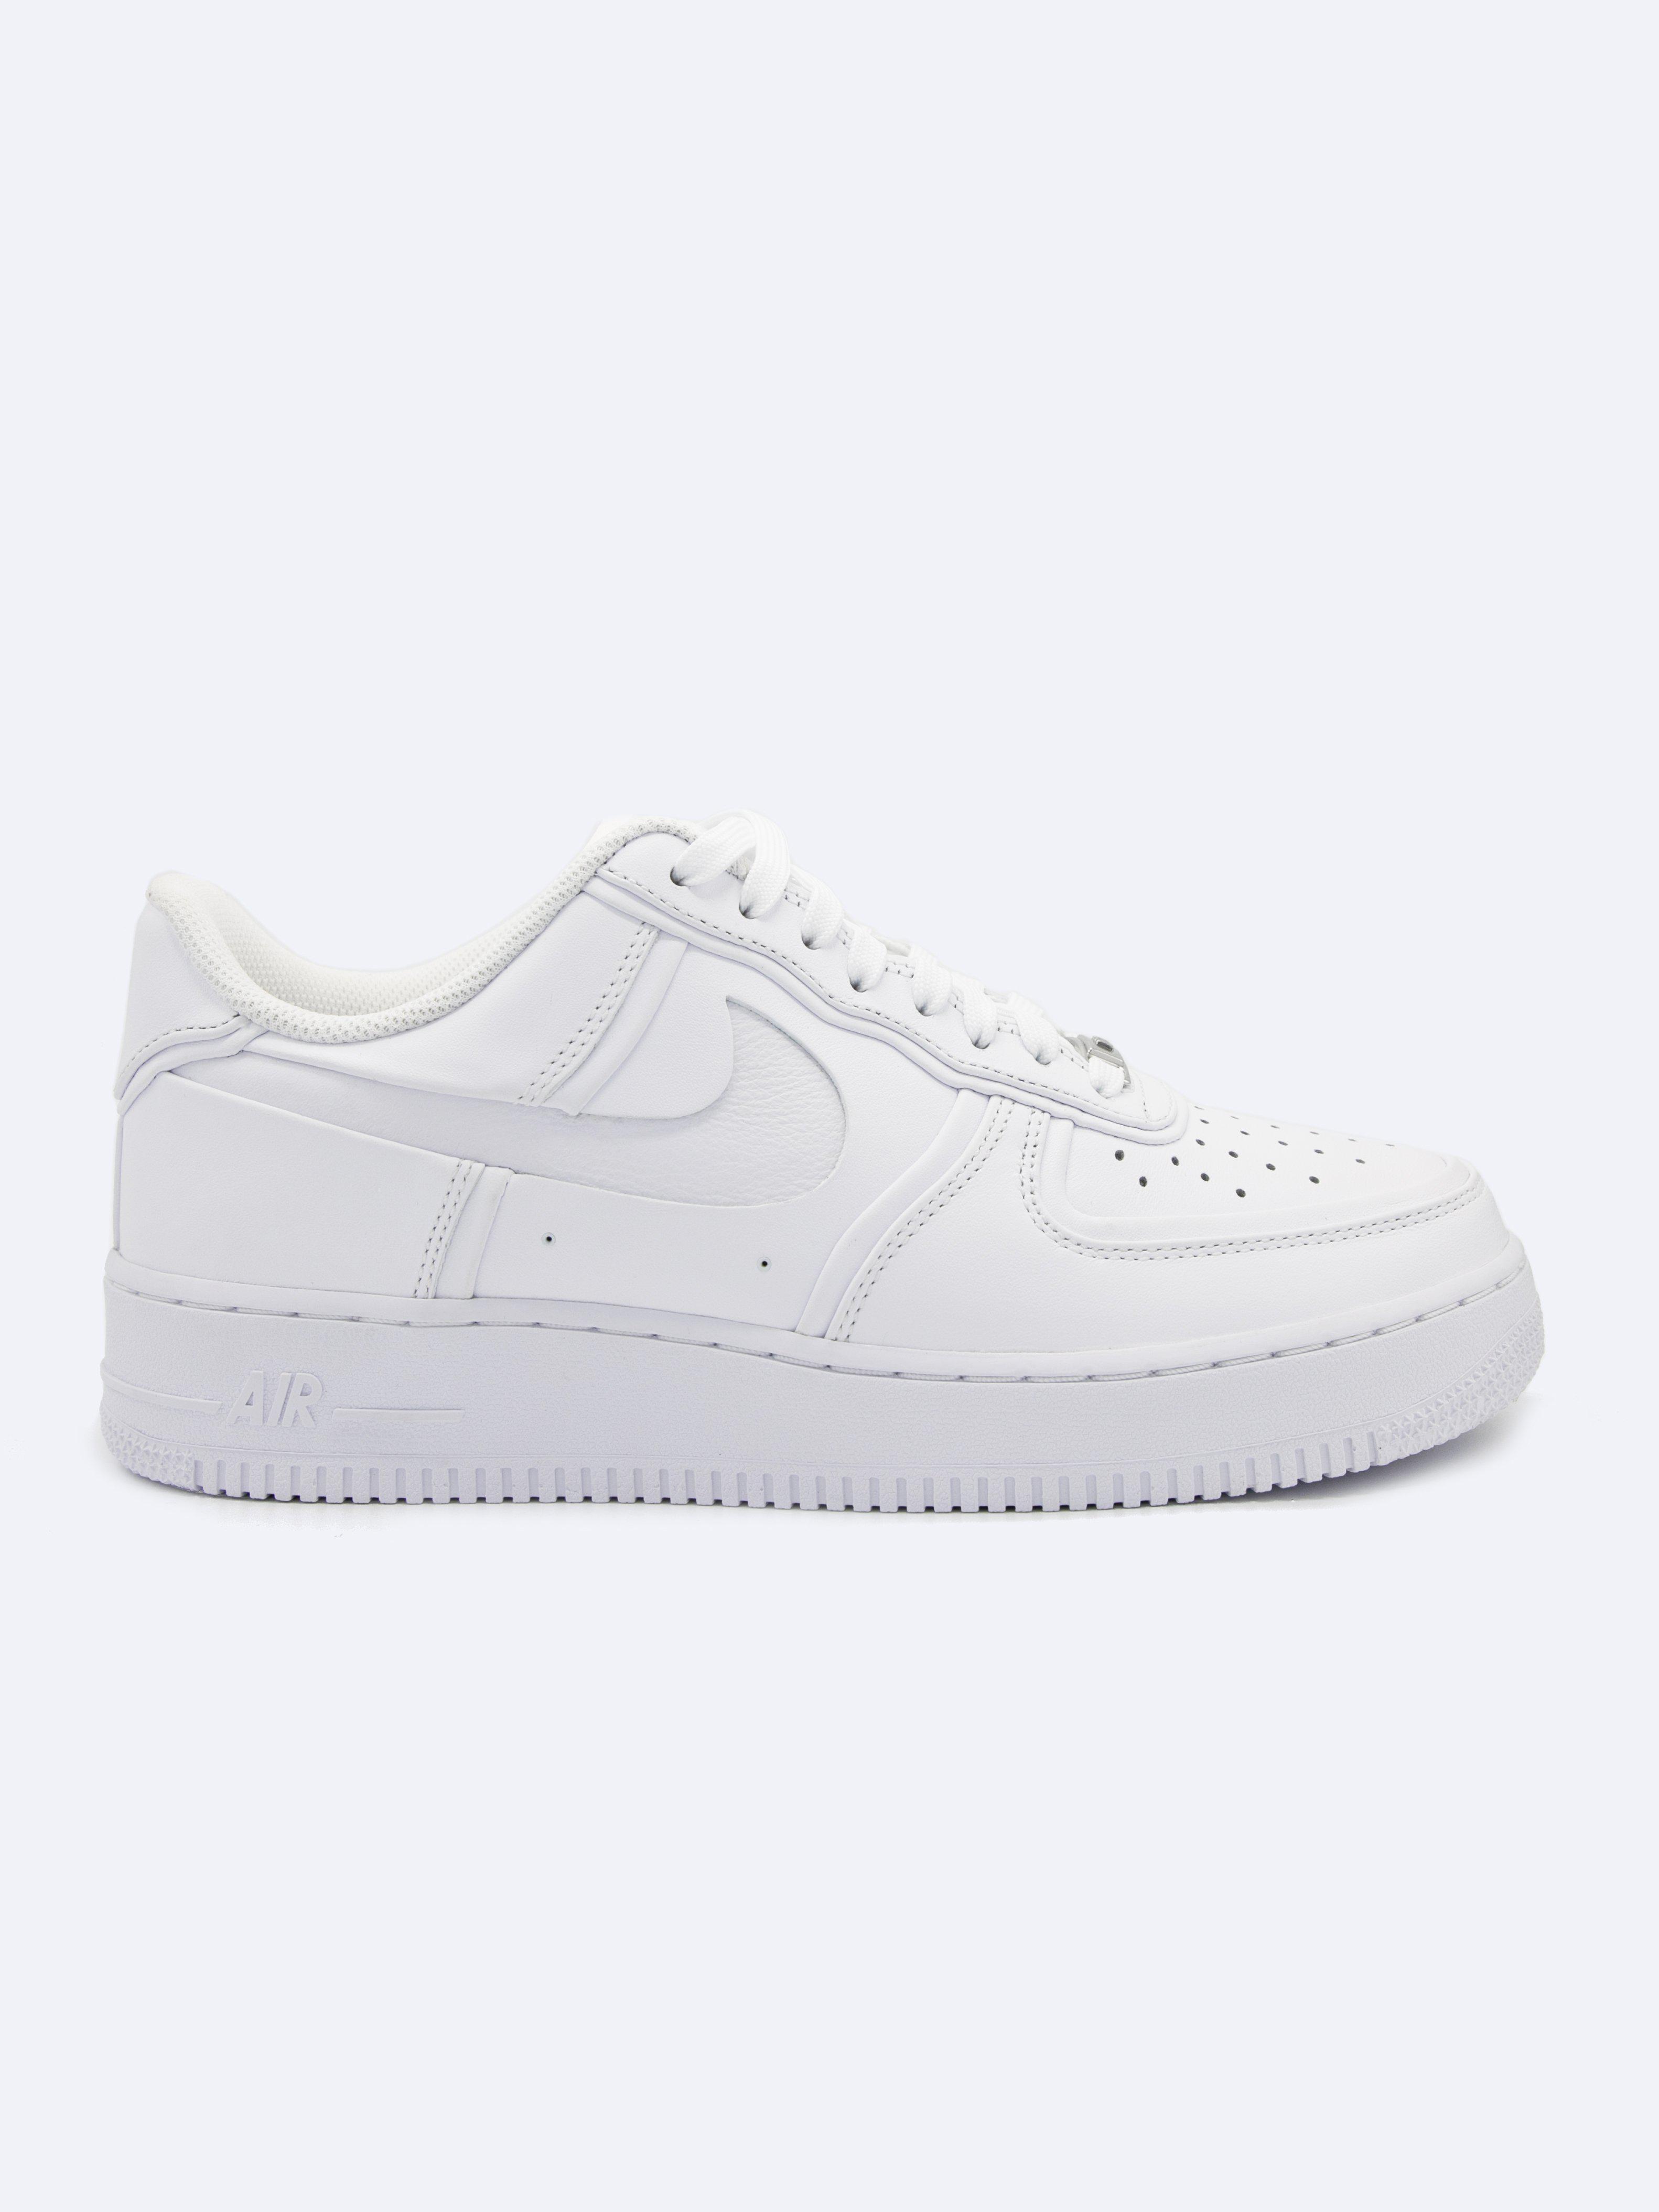 75fe66b5618 Lyst - Nike Air Force 1 John Elliott in White for Men